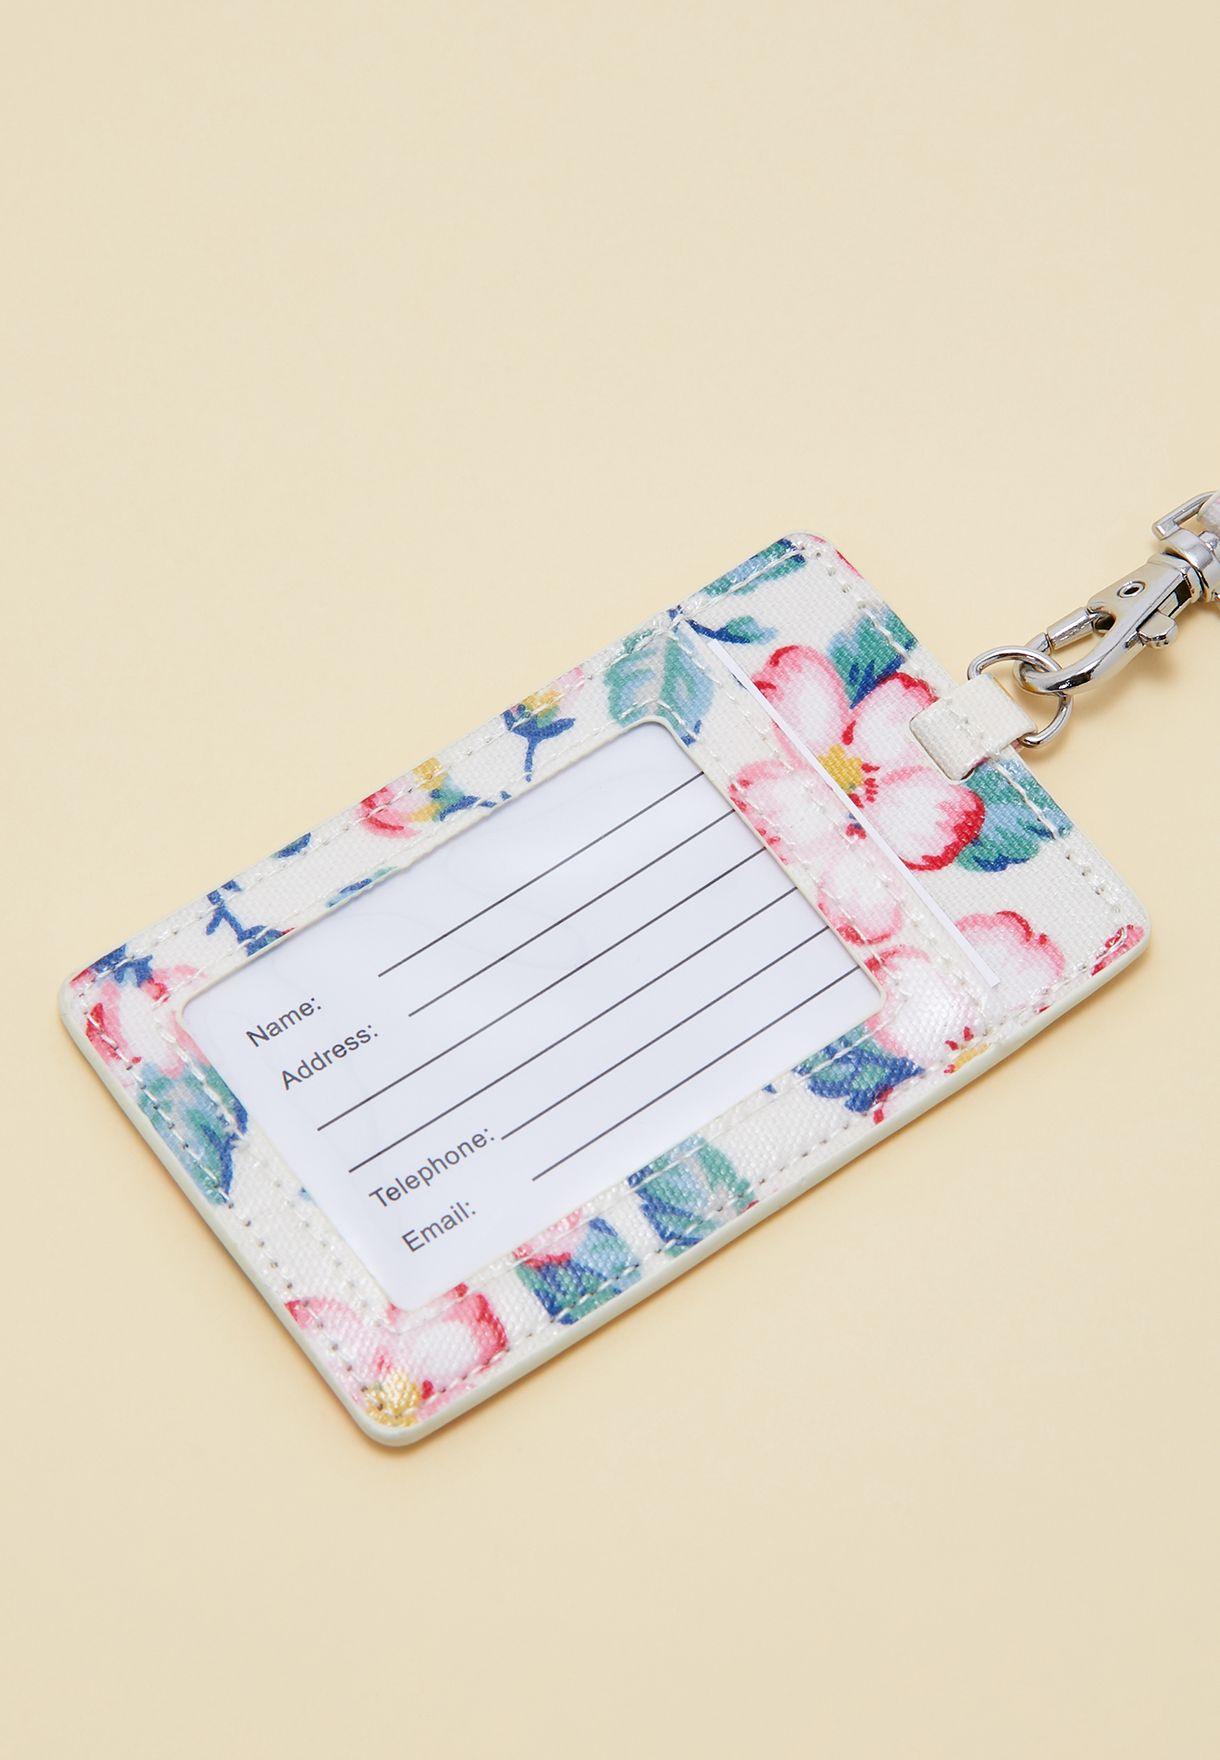 حافظة بطاقة شخصية مزينة بزهور